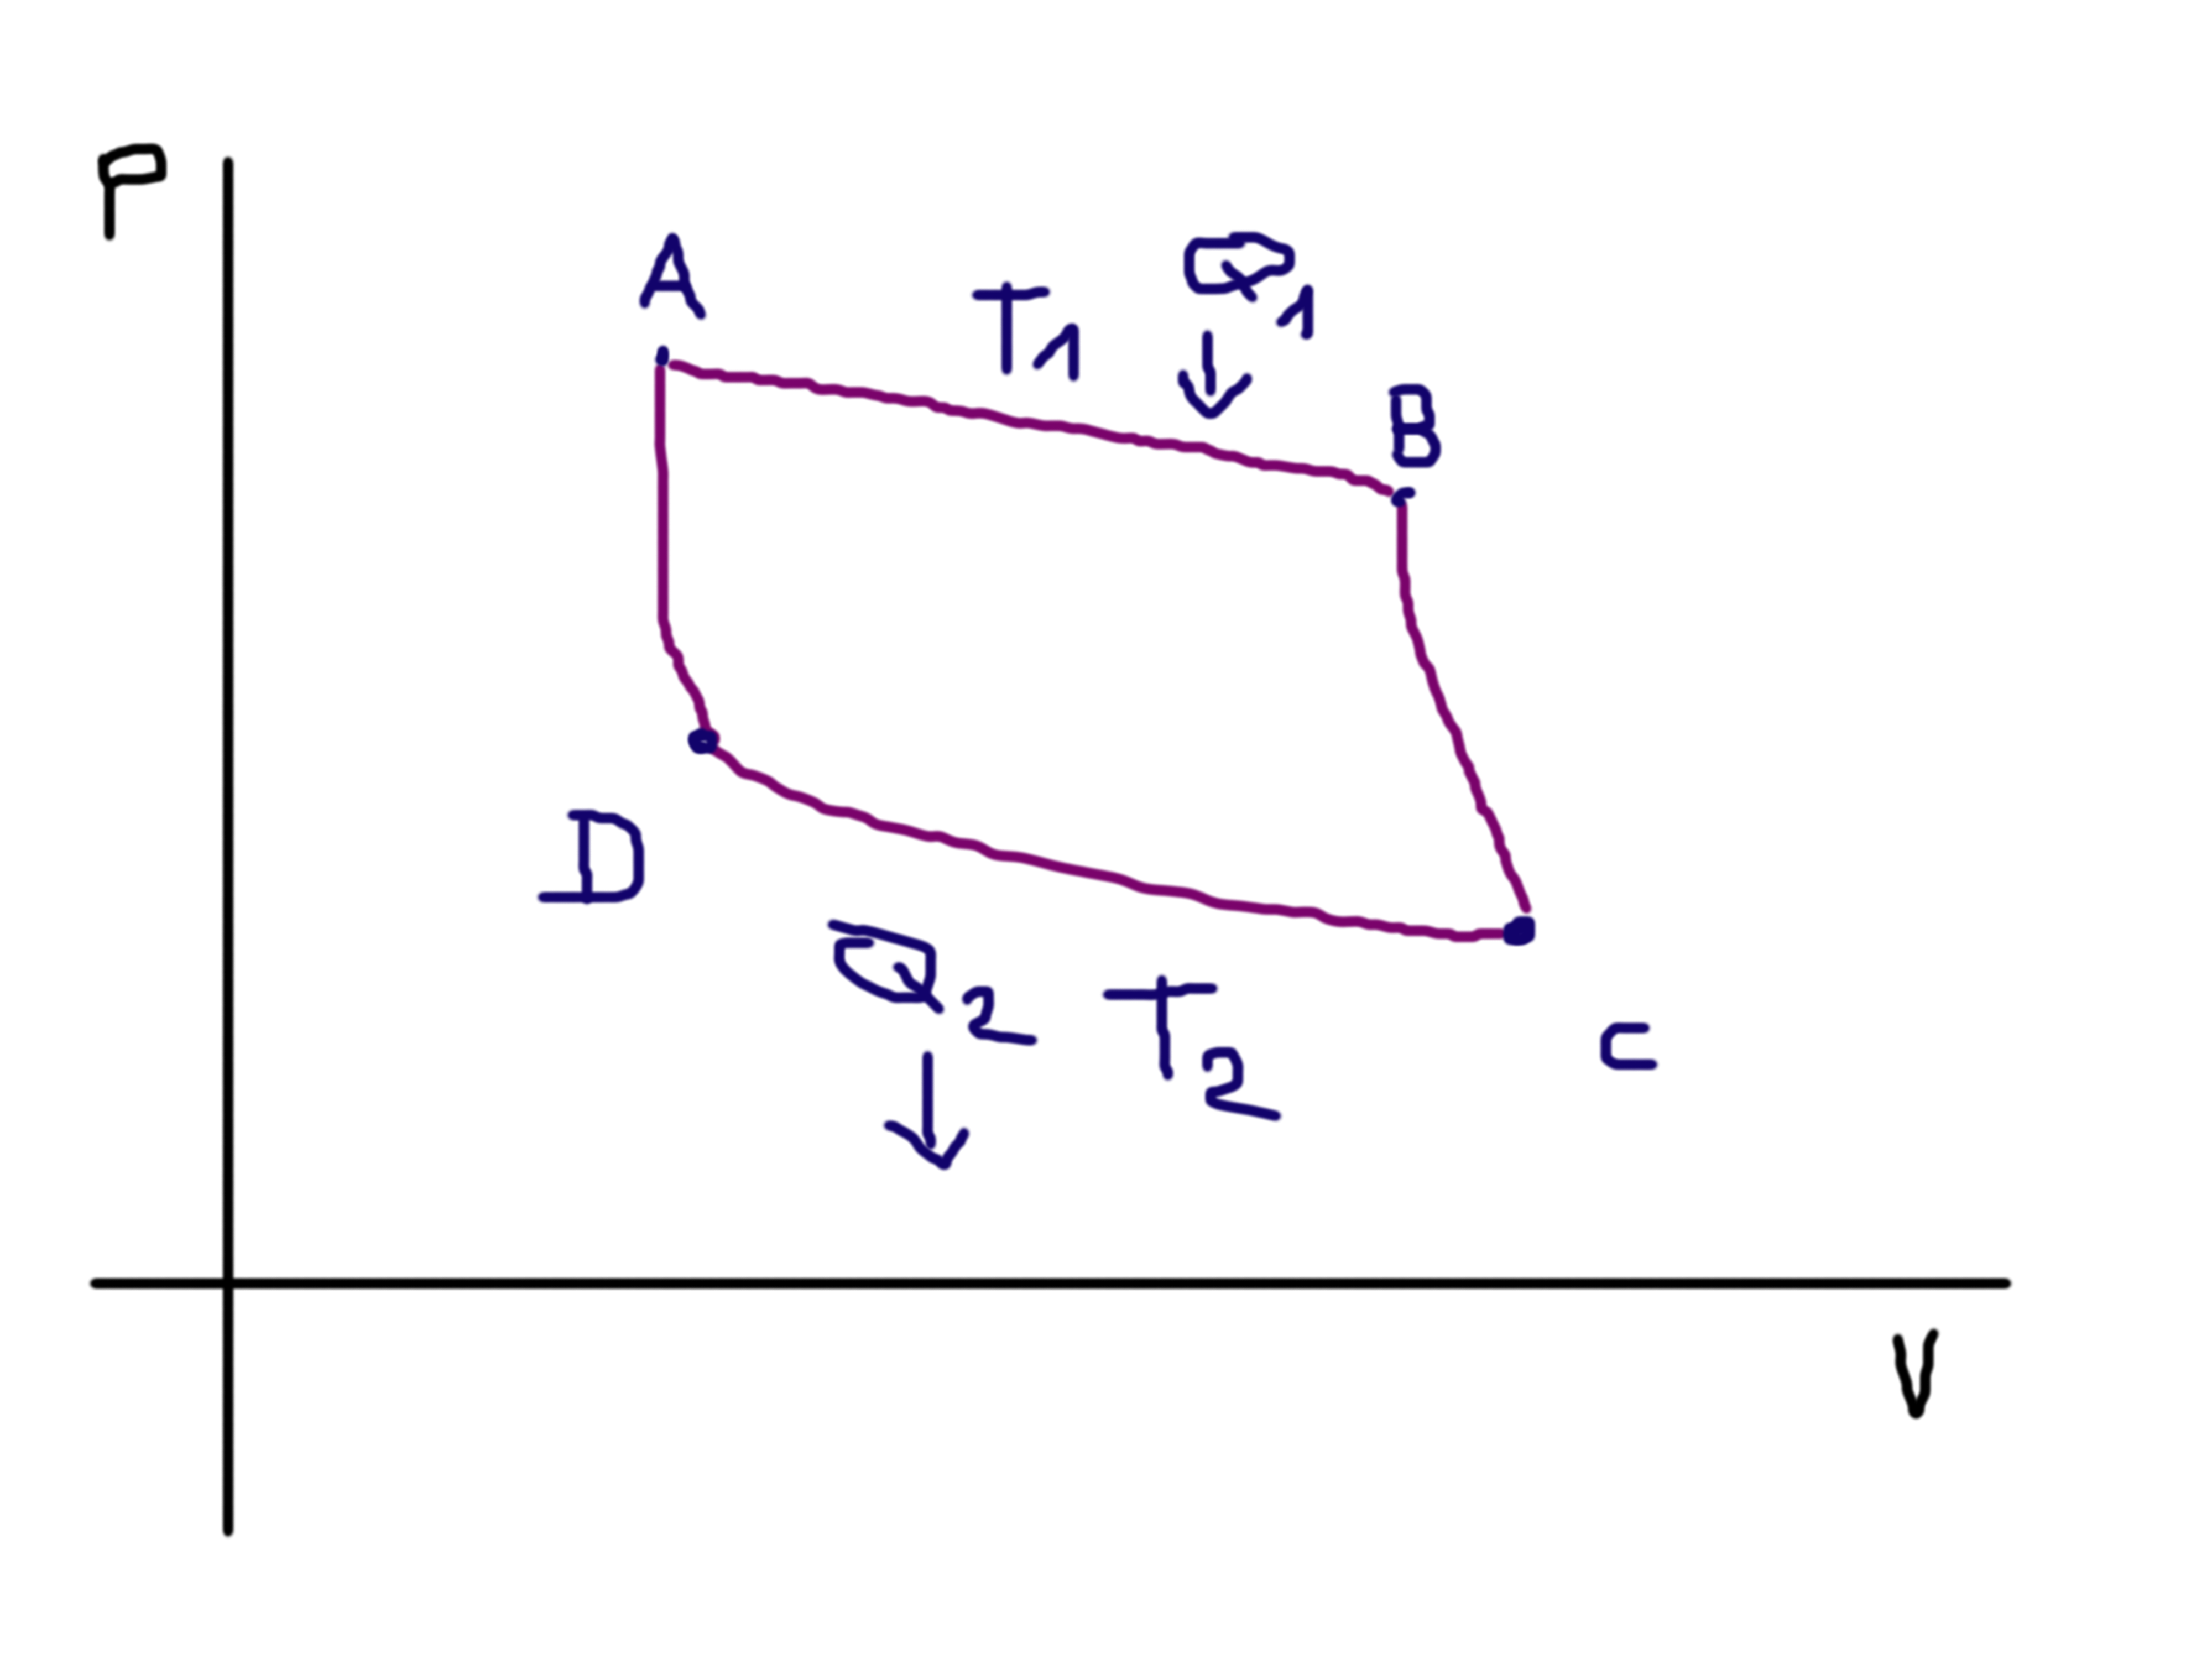 pv graf -- DA